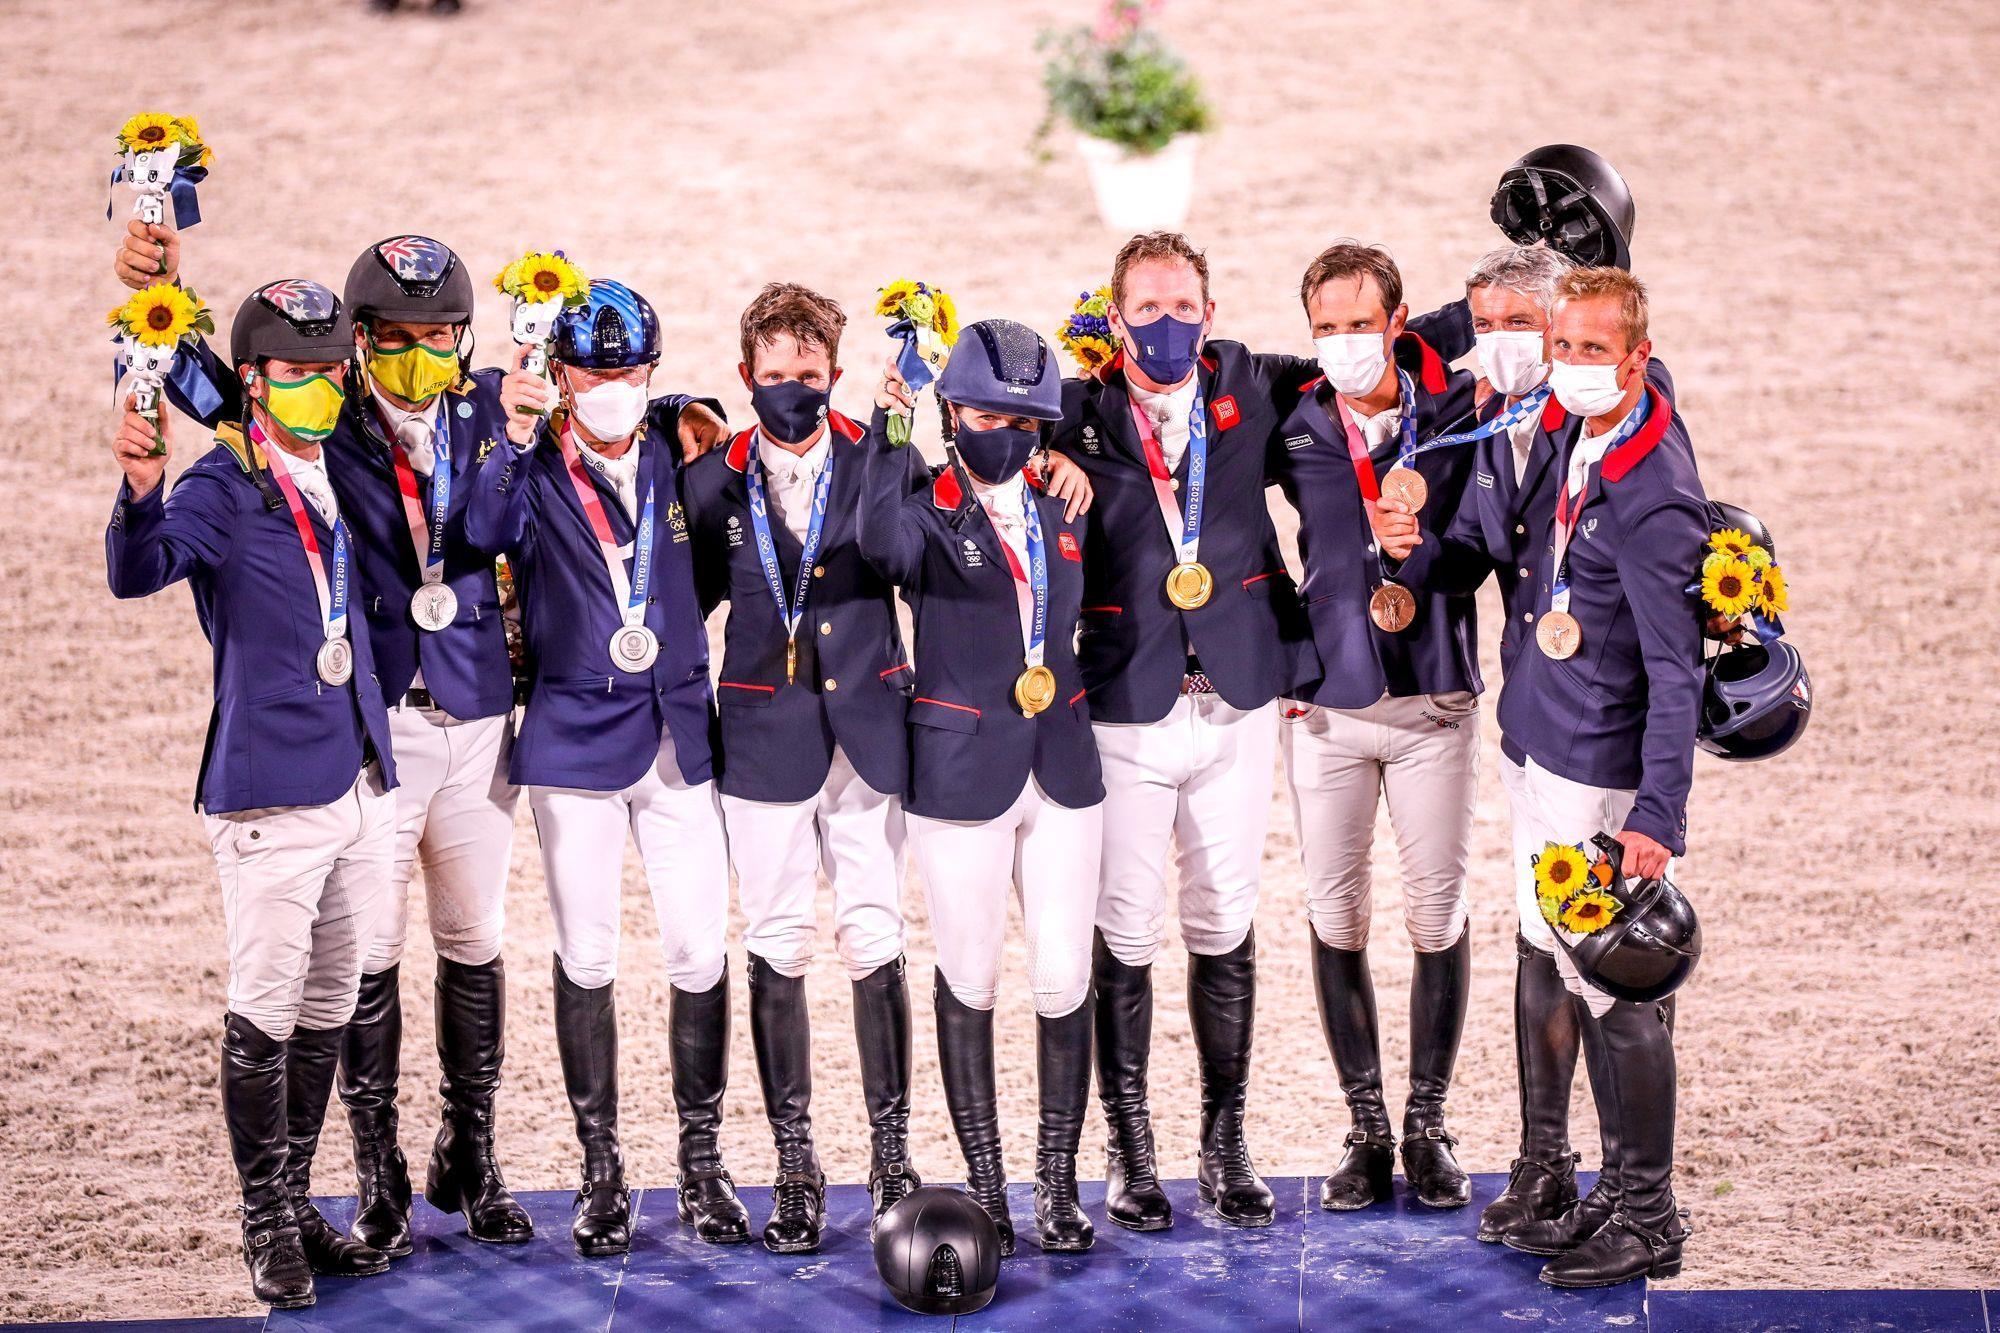 Pódio do Concurso Completo de Equitação (CCE) por equipe,  com Grã-Bretanha (Ouro),  Austrália (Prata) e França (Bronze),  Grã-Bretanha (Ouro),  Austrália (Prata),   França (Bronze), FEI/EFE/Kai Försterling, CCE com muitas emoções